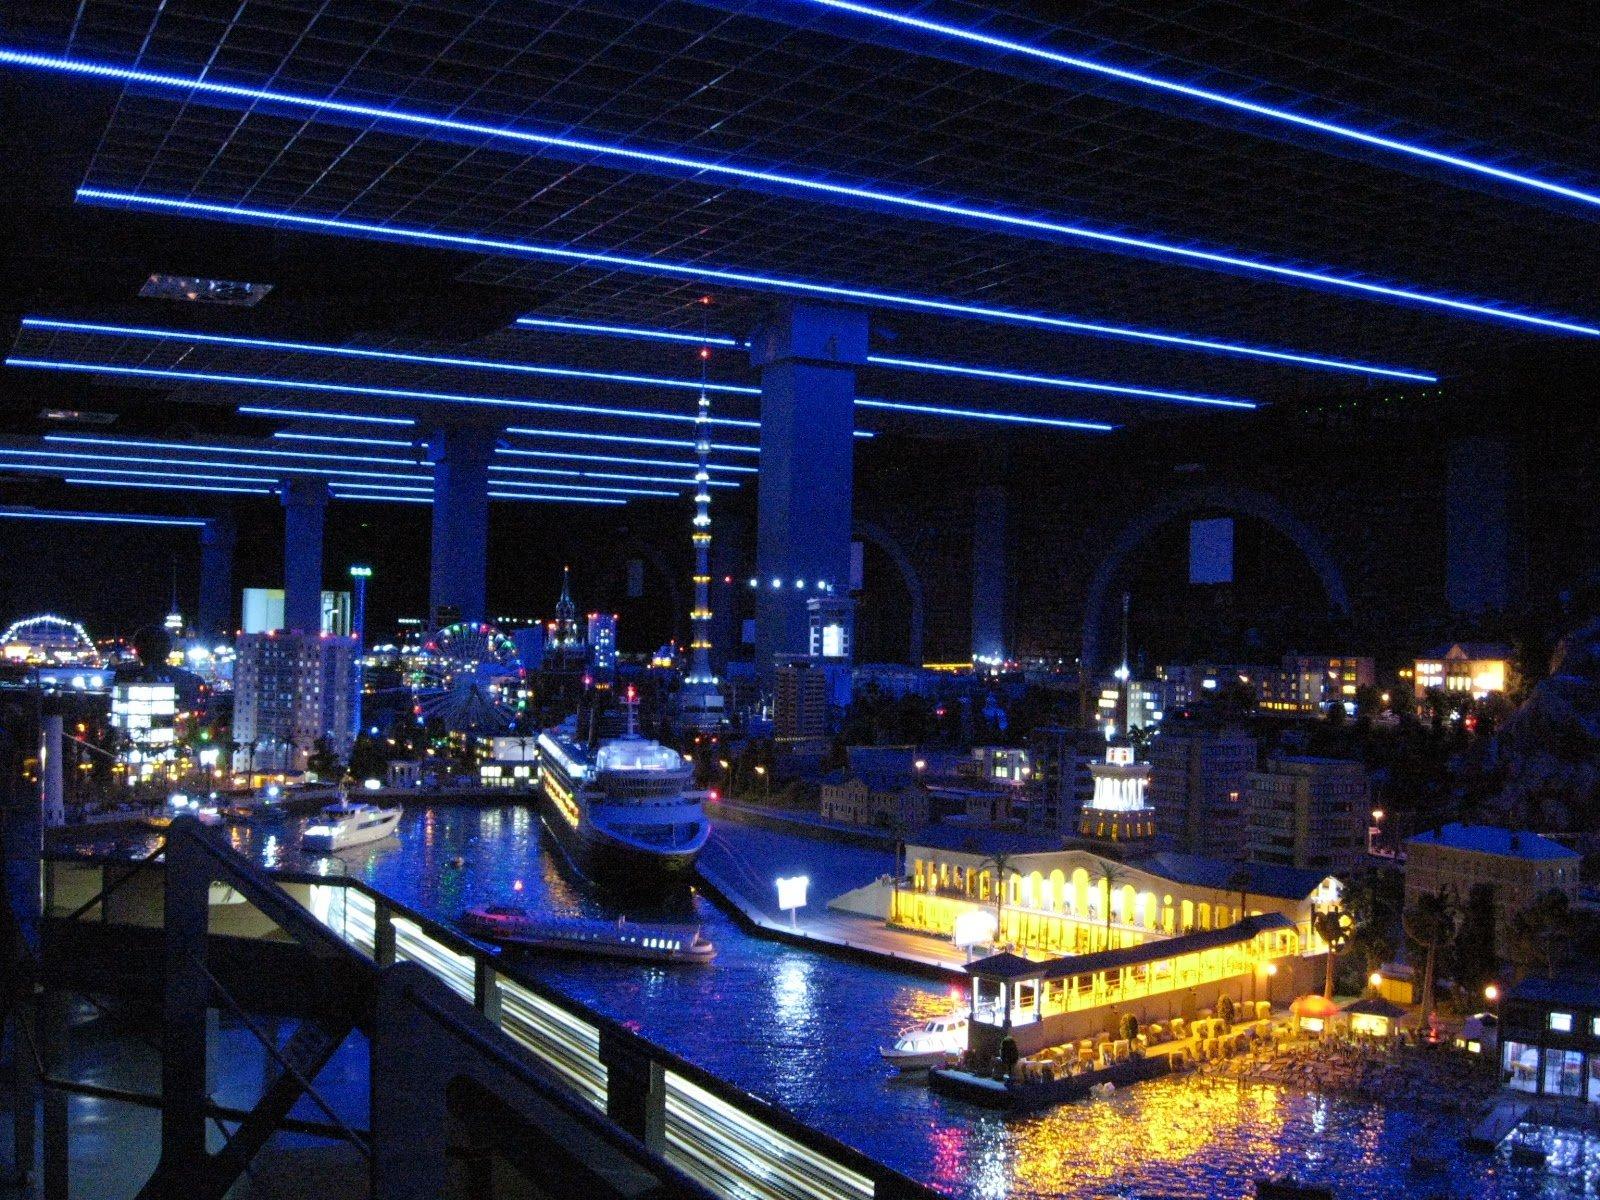 Интерактивный музей «Гранд-макет Россия»